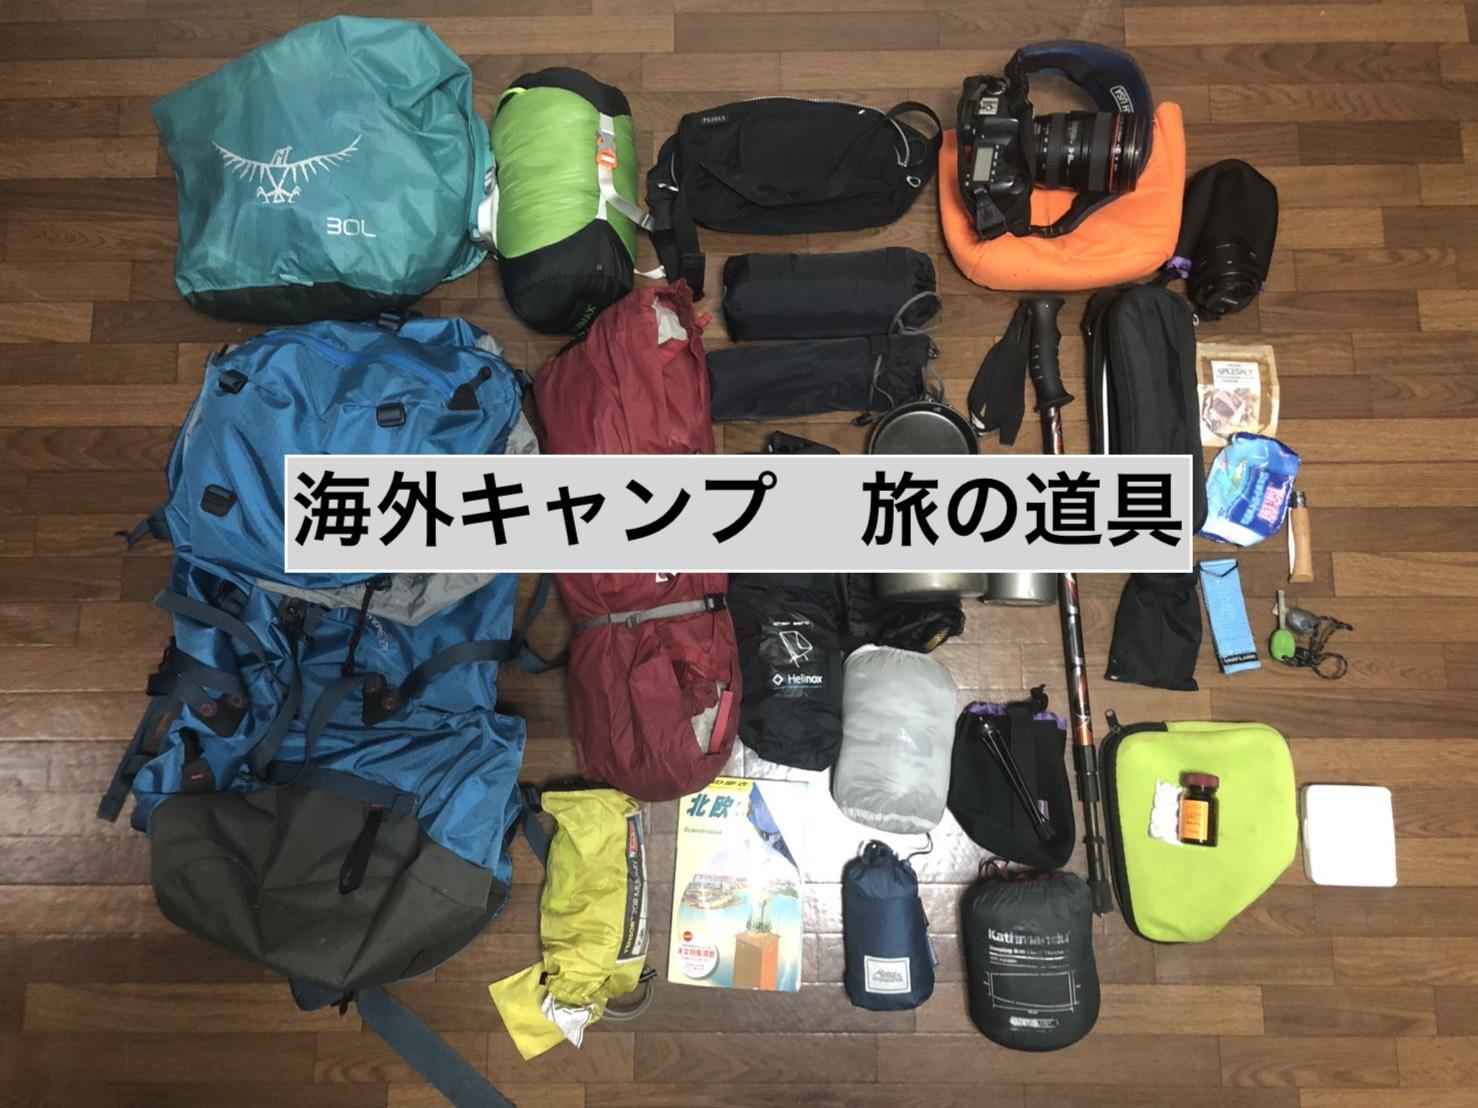 【フィンランド編】海外キャンプの全荷物を紹介するよ!